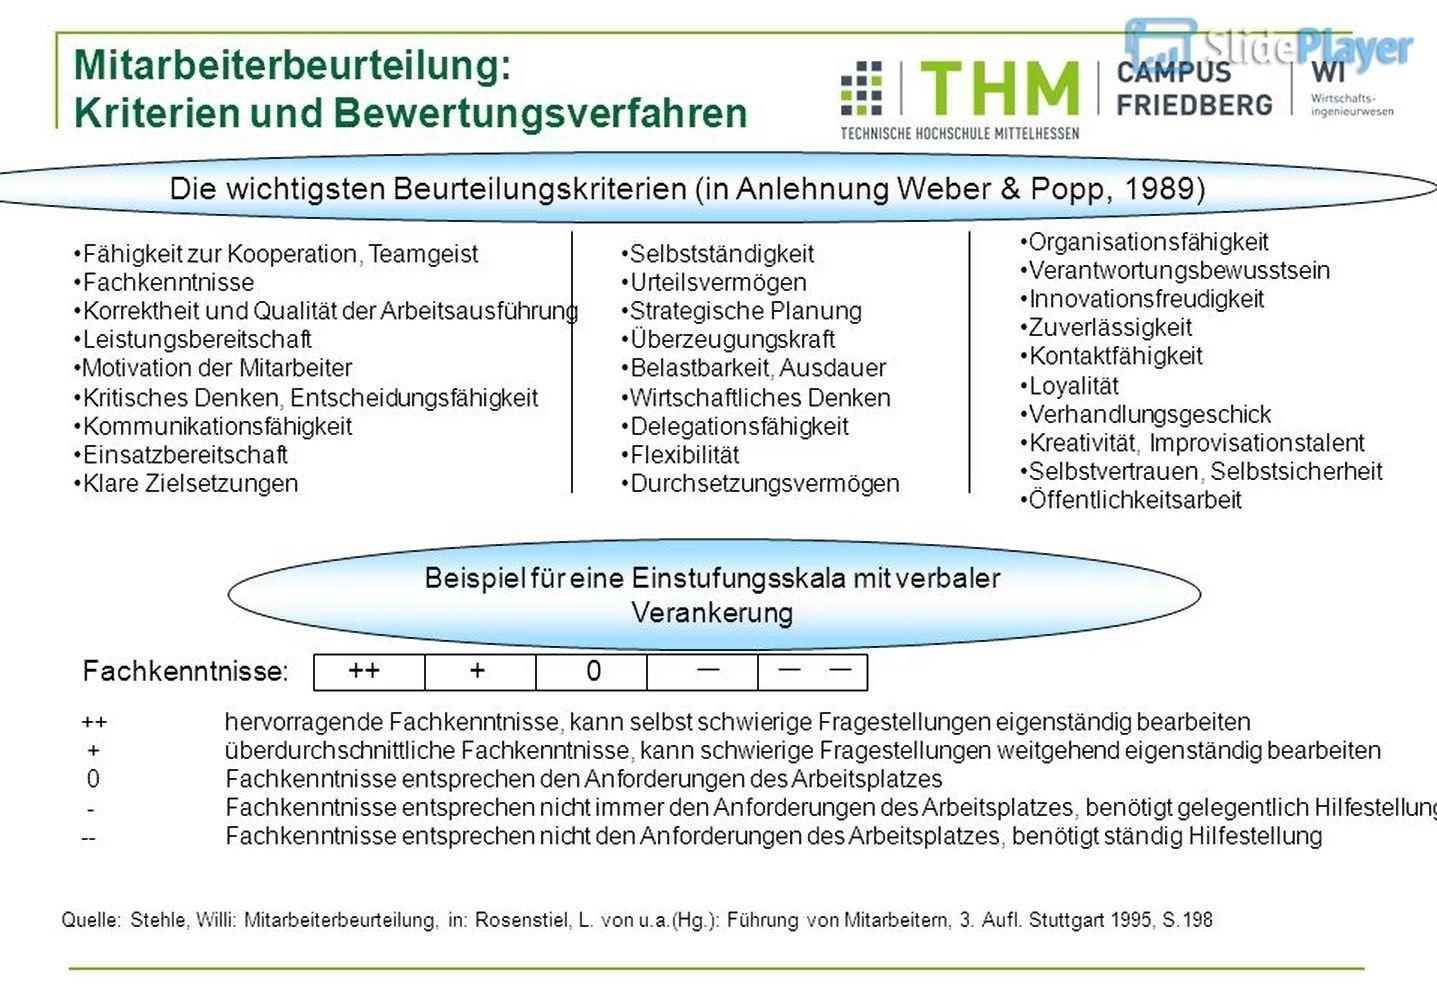 Abwehrmechanismen Freud Beispiele mitarbeiterbeurteilung: kriterien und bewertungsverfahren